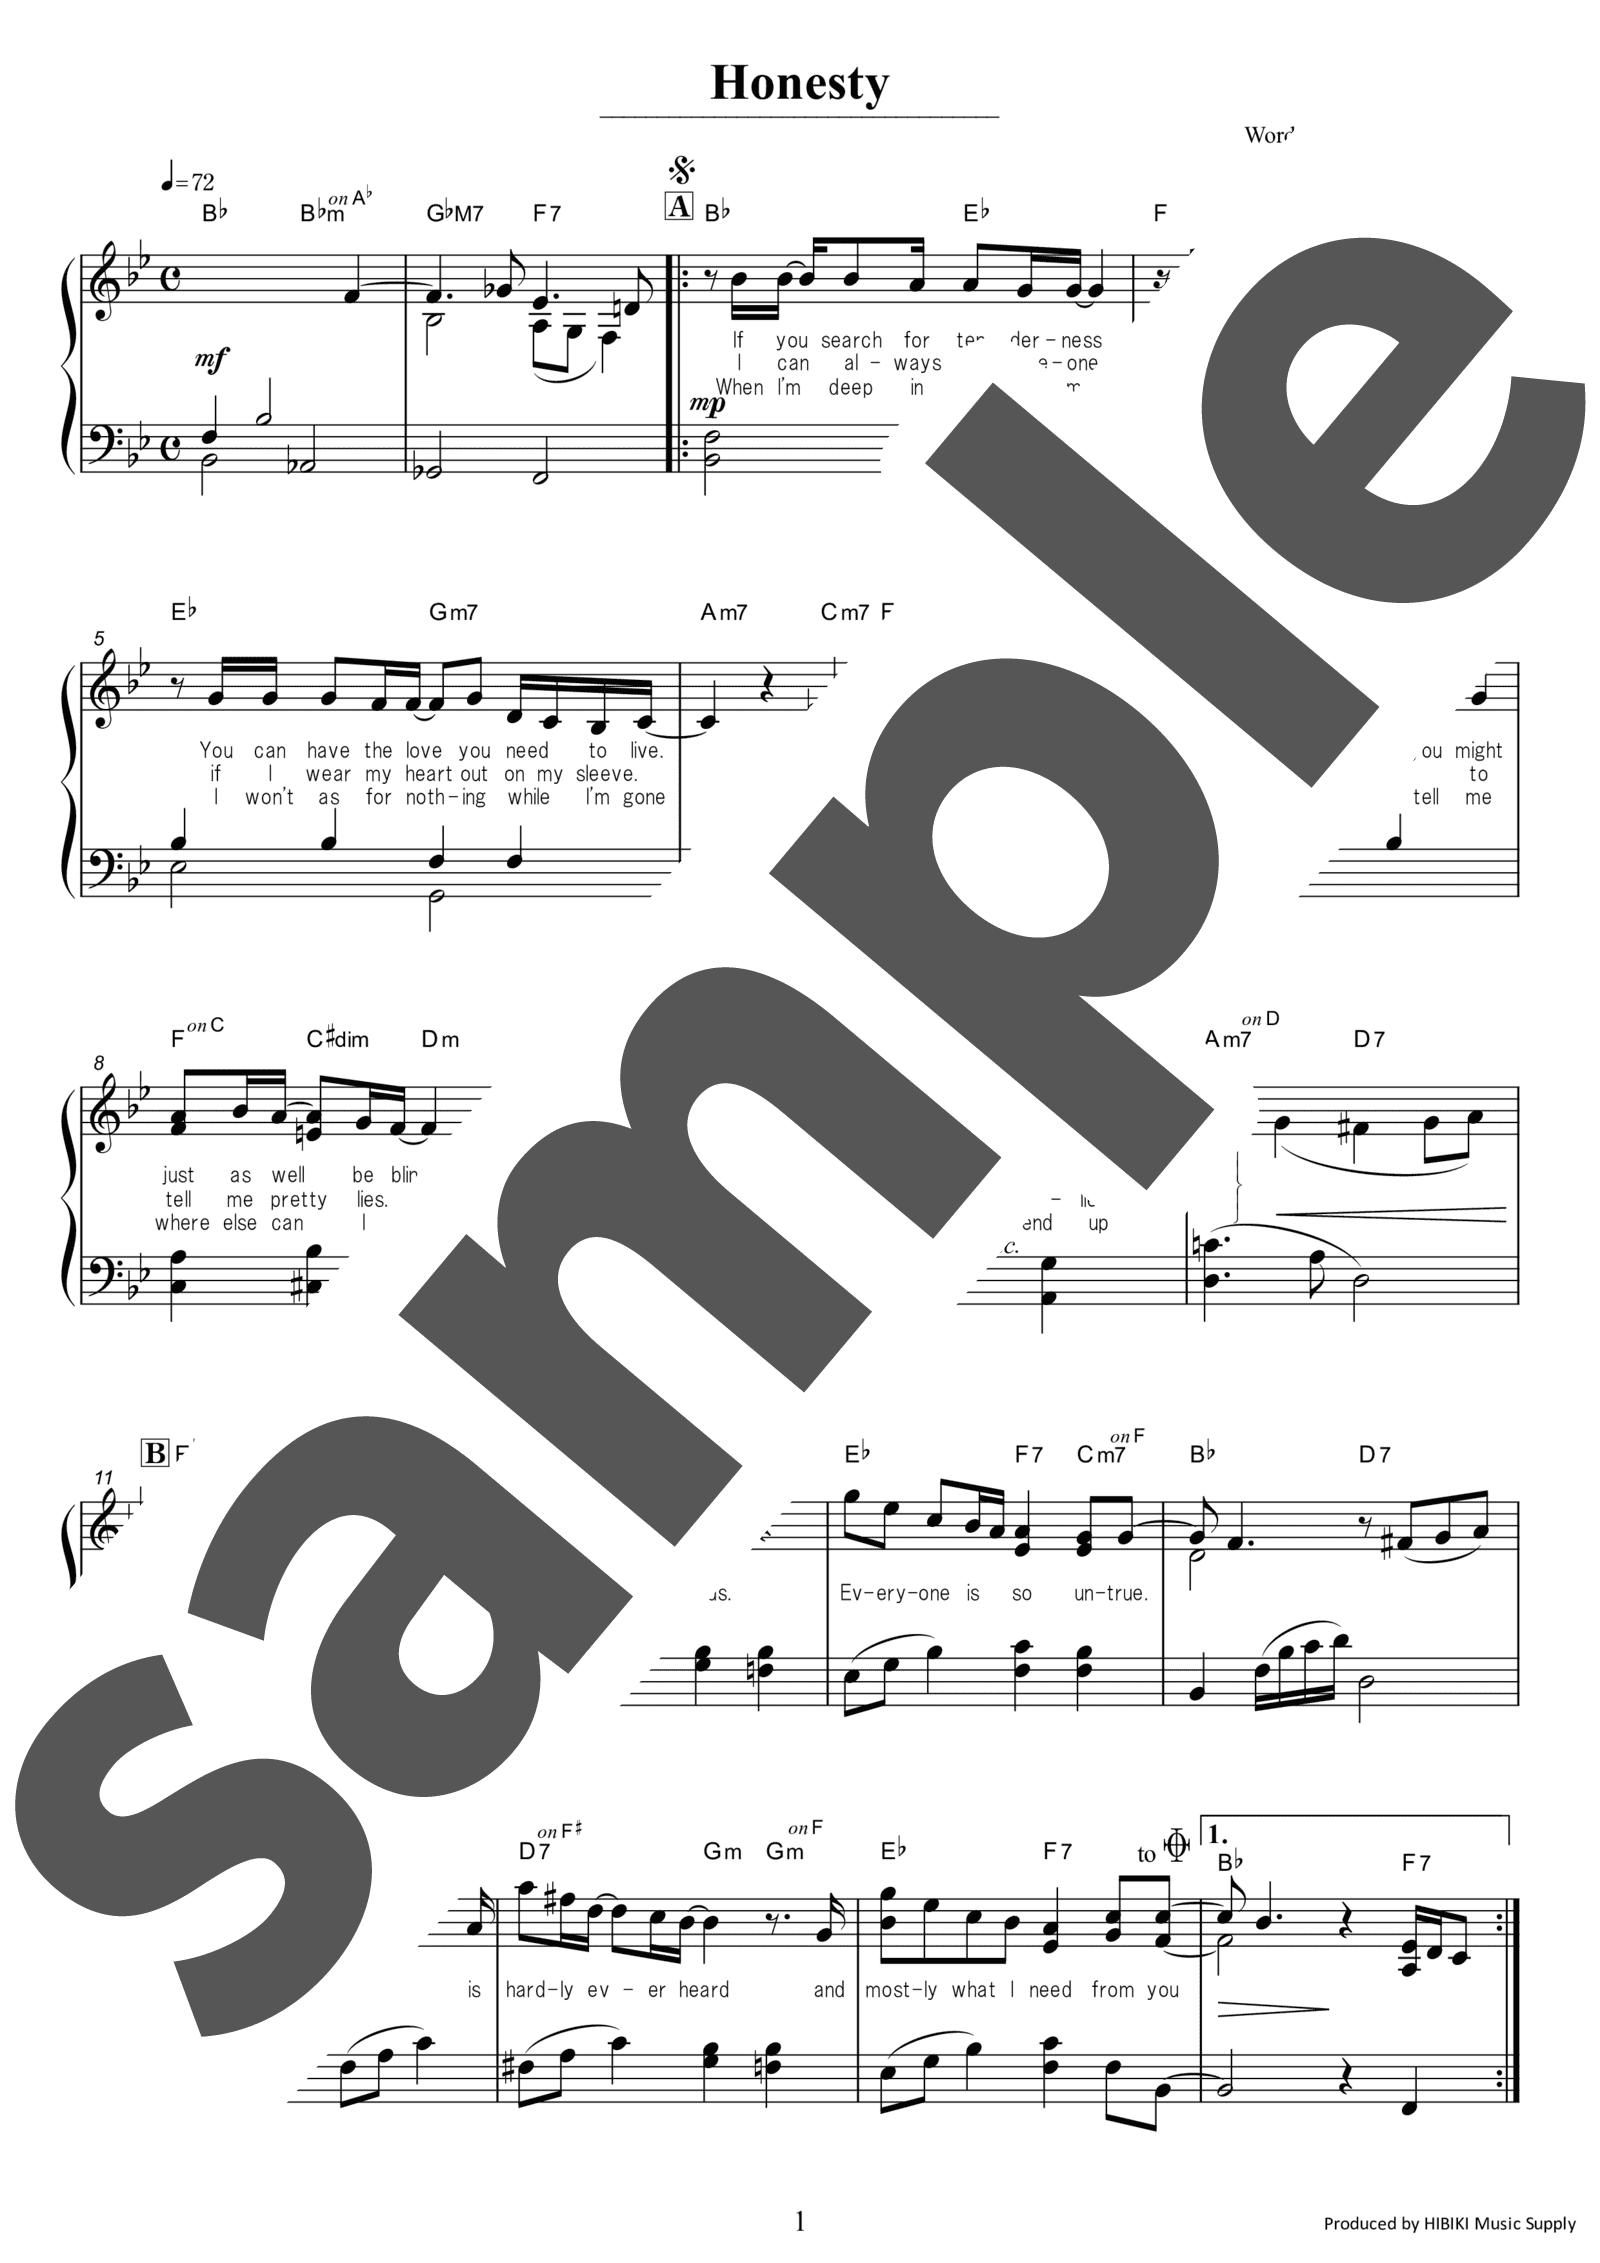 「オネスティ」のサンプル楽譜